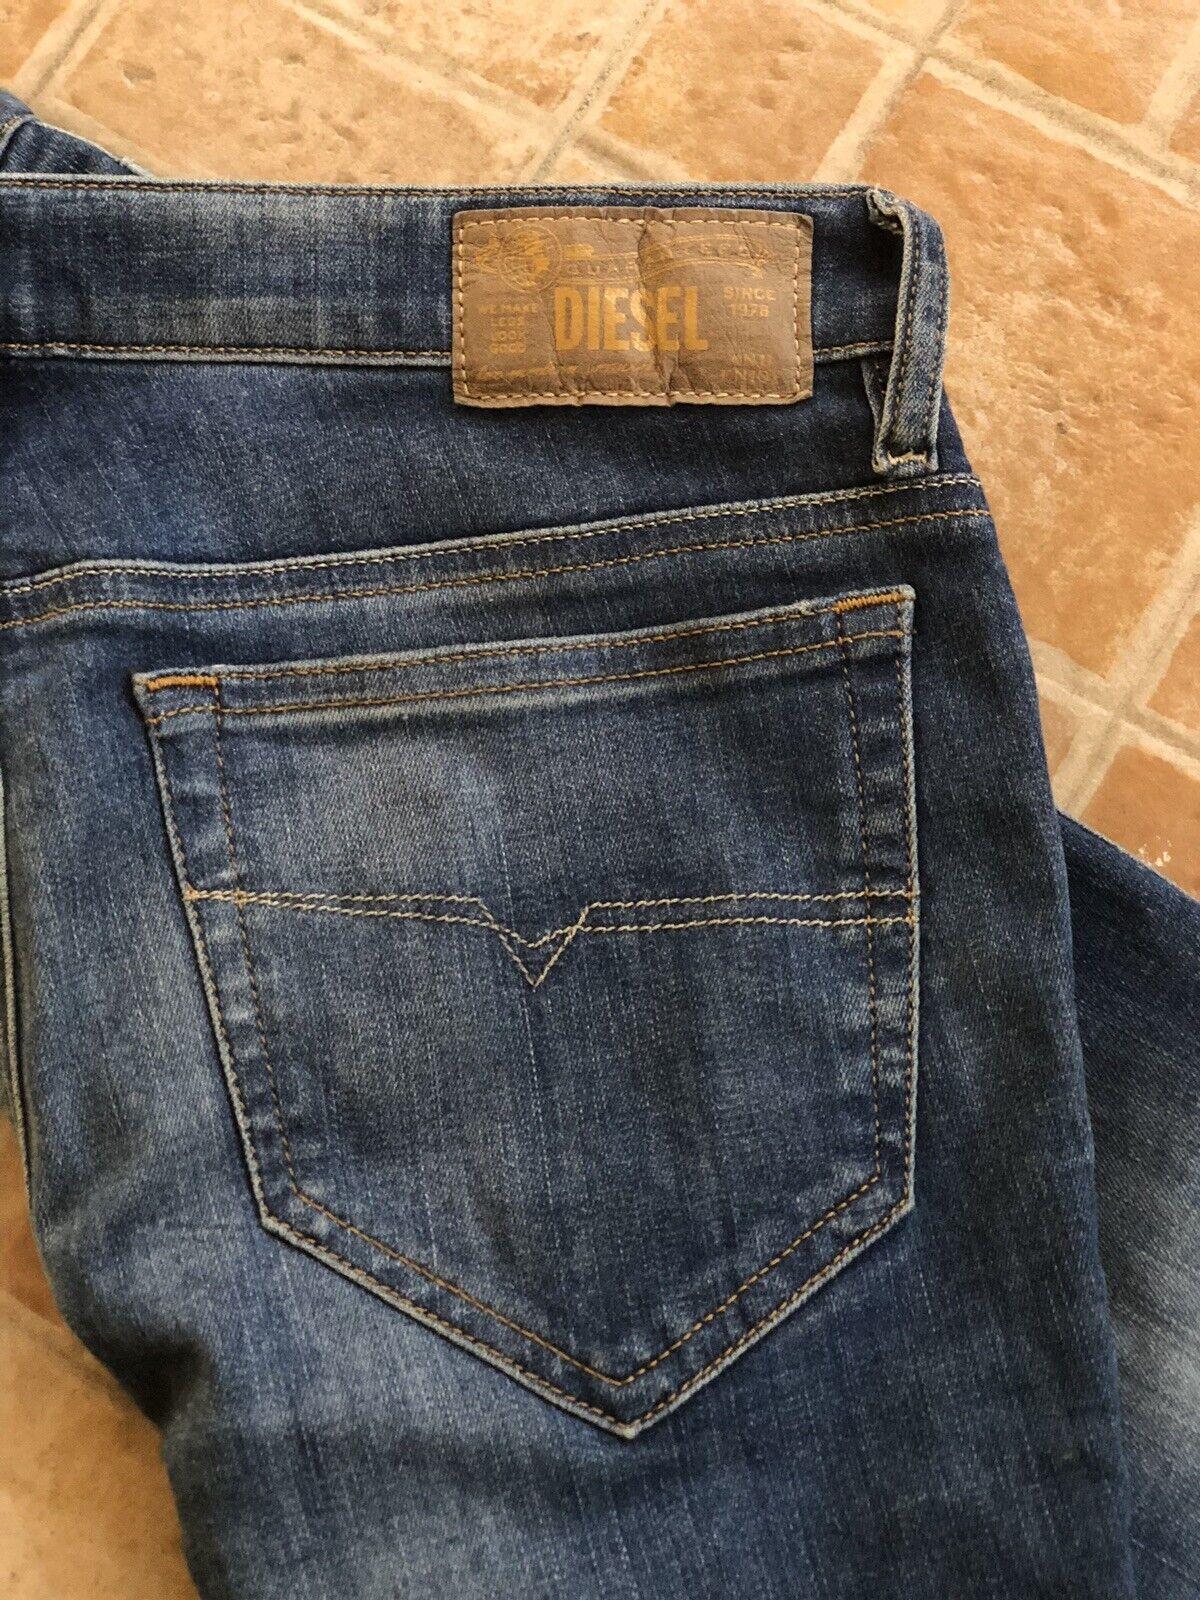 Diesel  Liv  Women's Skinny Jeans, Sz 29Low Rise, Made in